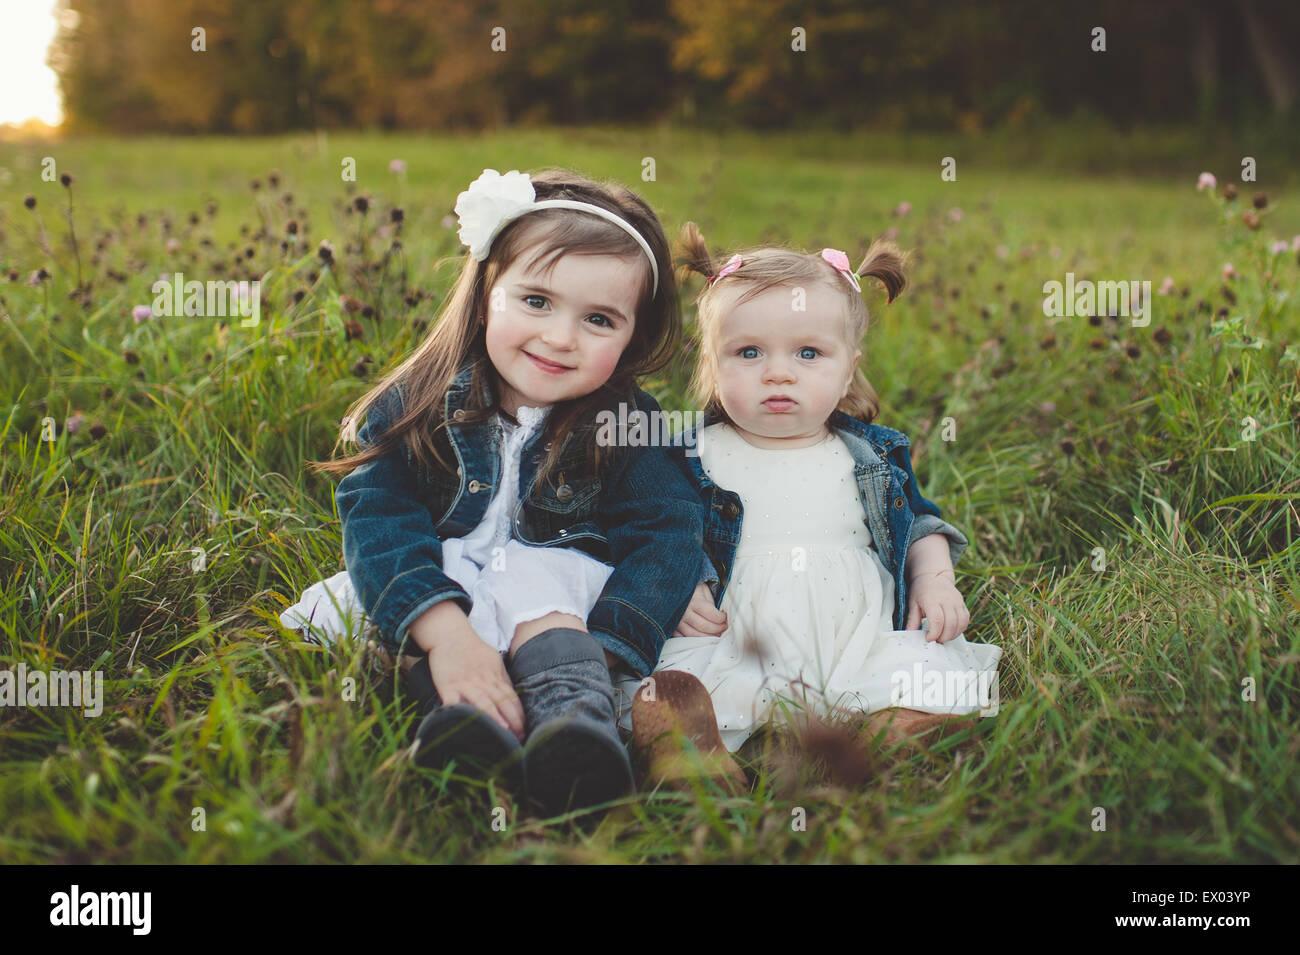 Ritratto di giovane ragazza e la sorella del bambino nel campo Immagini Stock